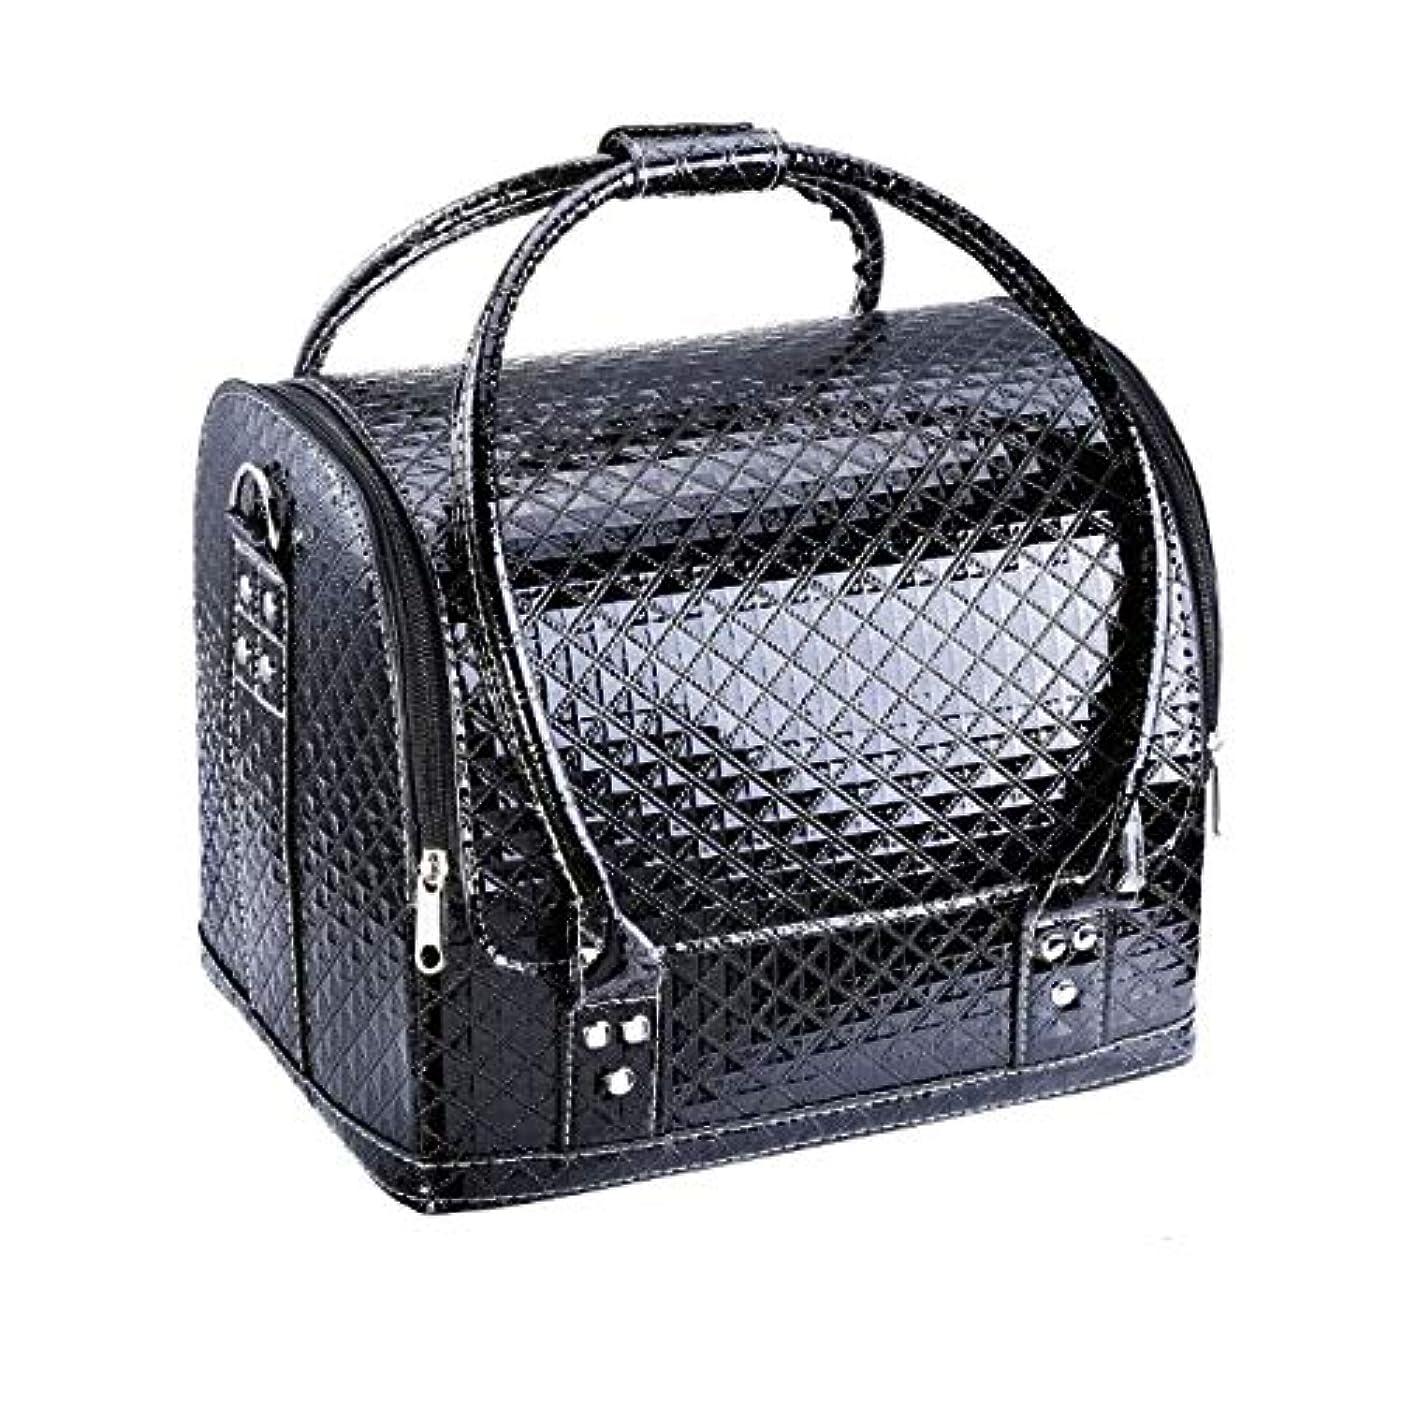 私達スイス人かける化粧箱、大容量ダブルオープンポータブル化粧品ケース、ポータブルダイヤモンドパターン旅行化粧品バッグ、美容ネイルジュエリー収納ボックス